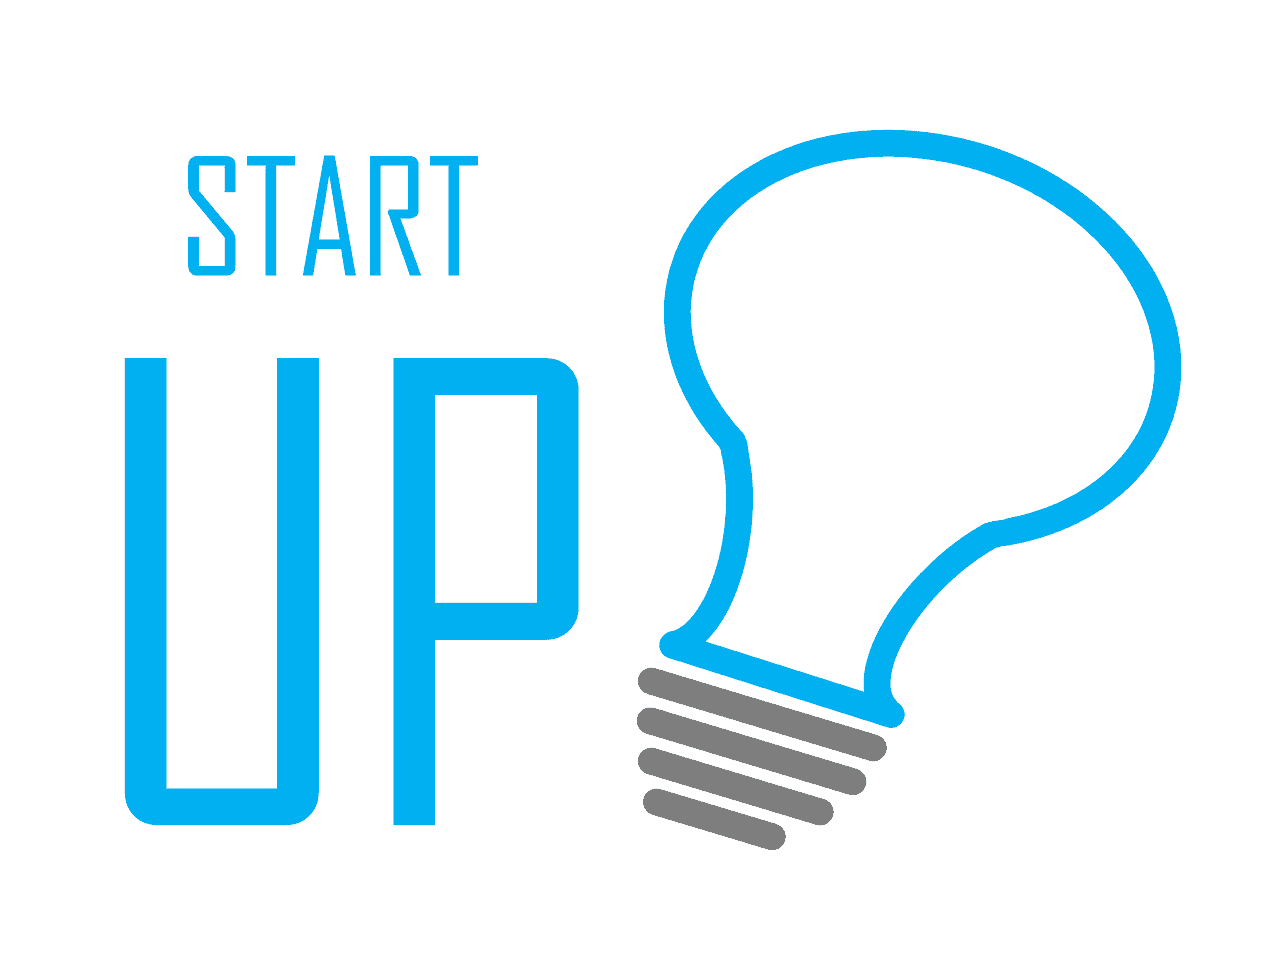 startup lightbulb